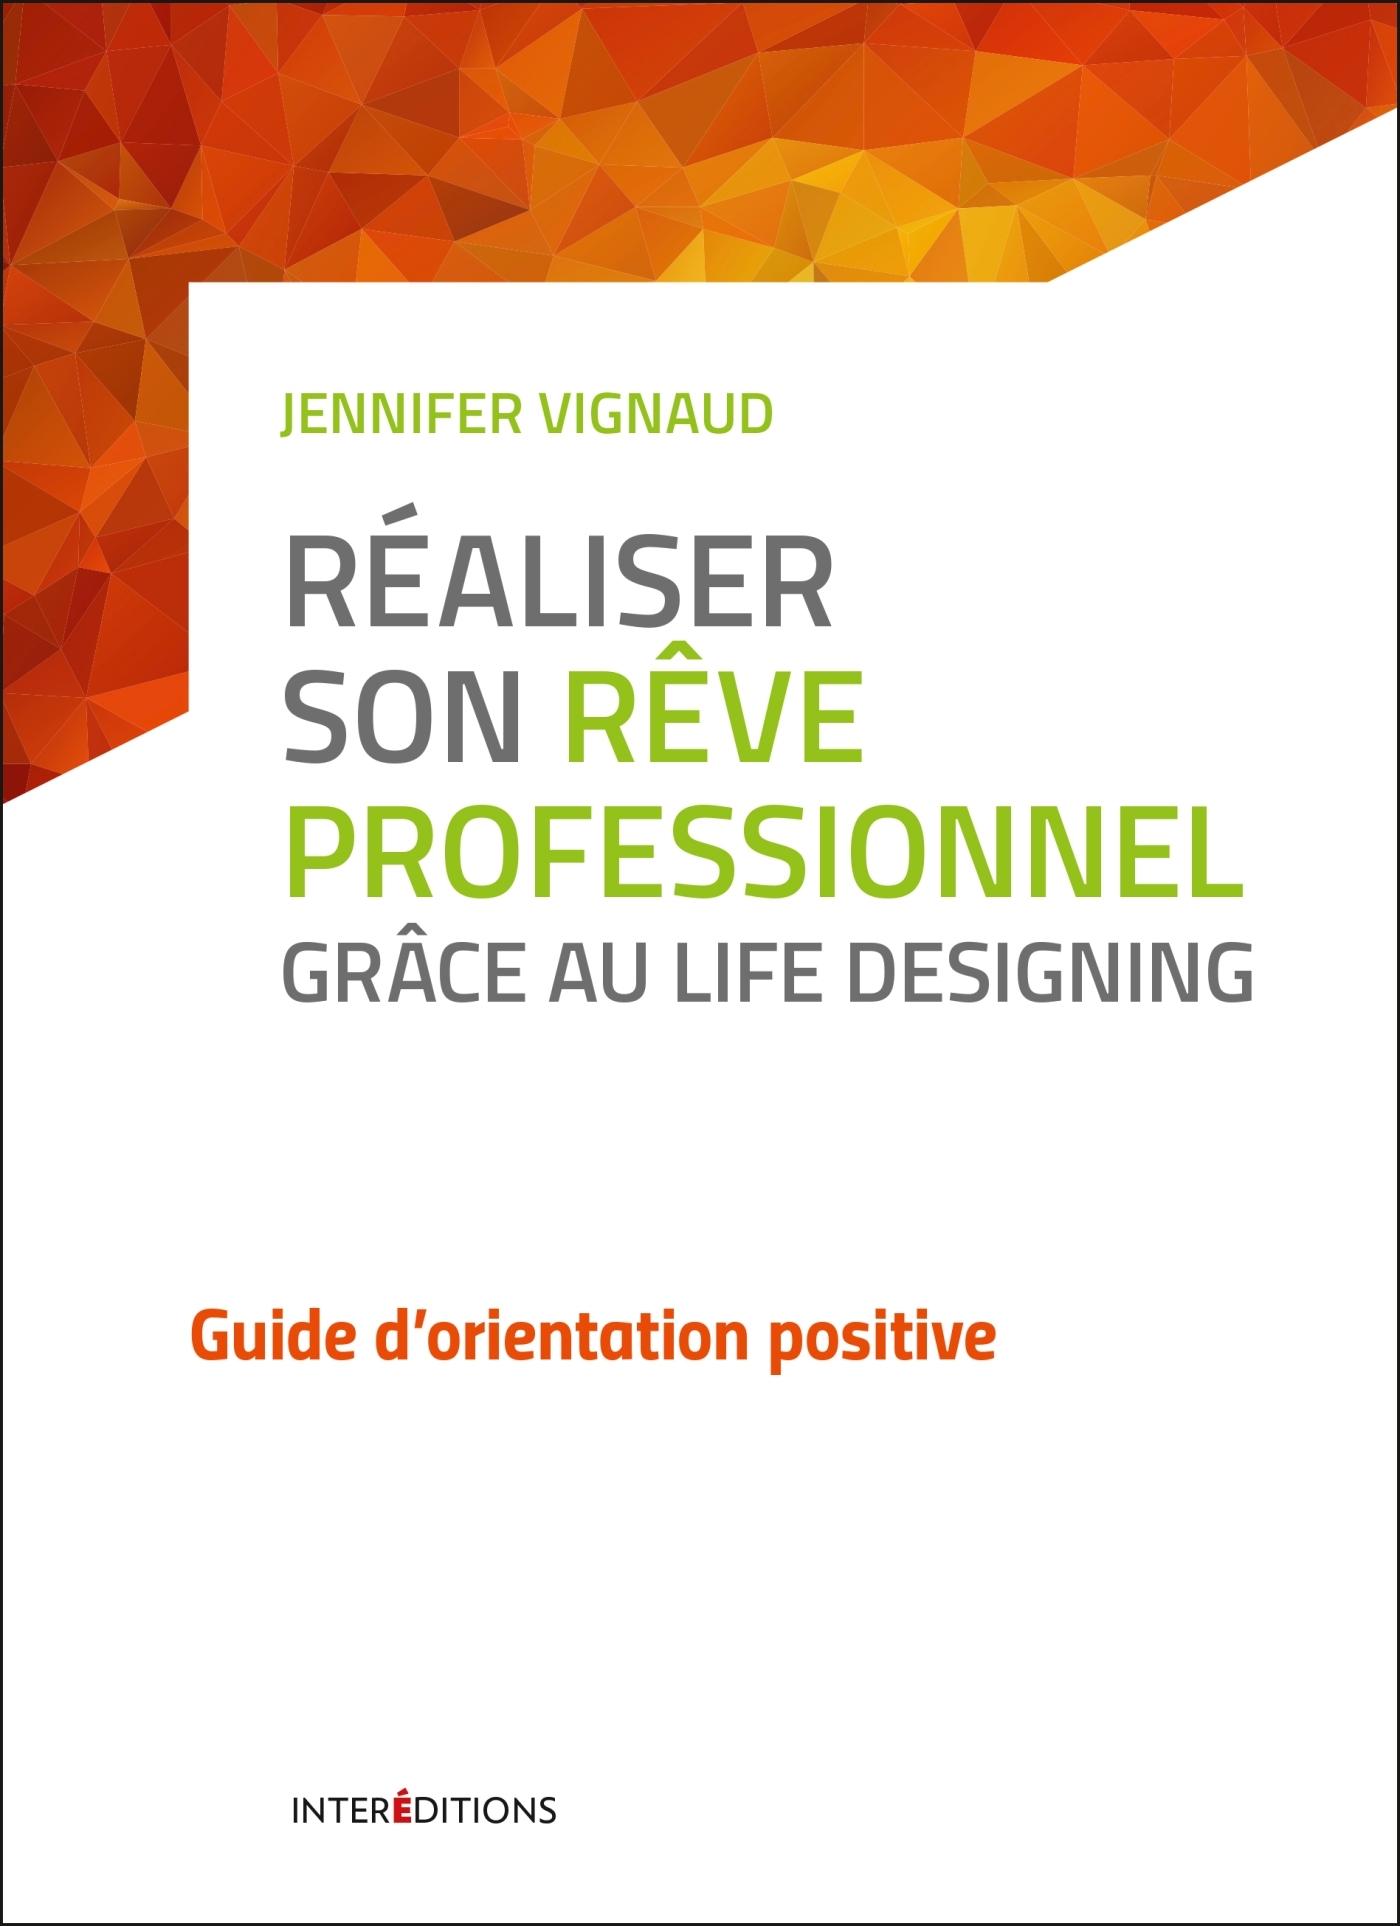 REALISER SON REVE PROFESSIONNEL GRACE AU LIFE DESIGNING - GUIDE D'ORIENTATION POSITIVE